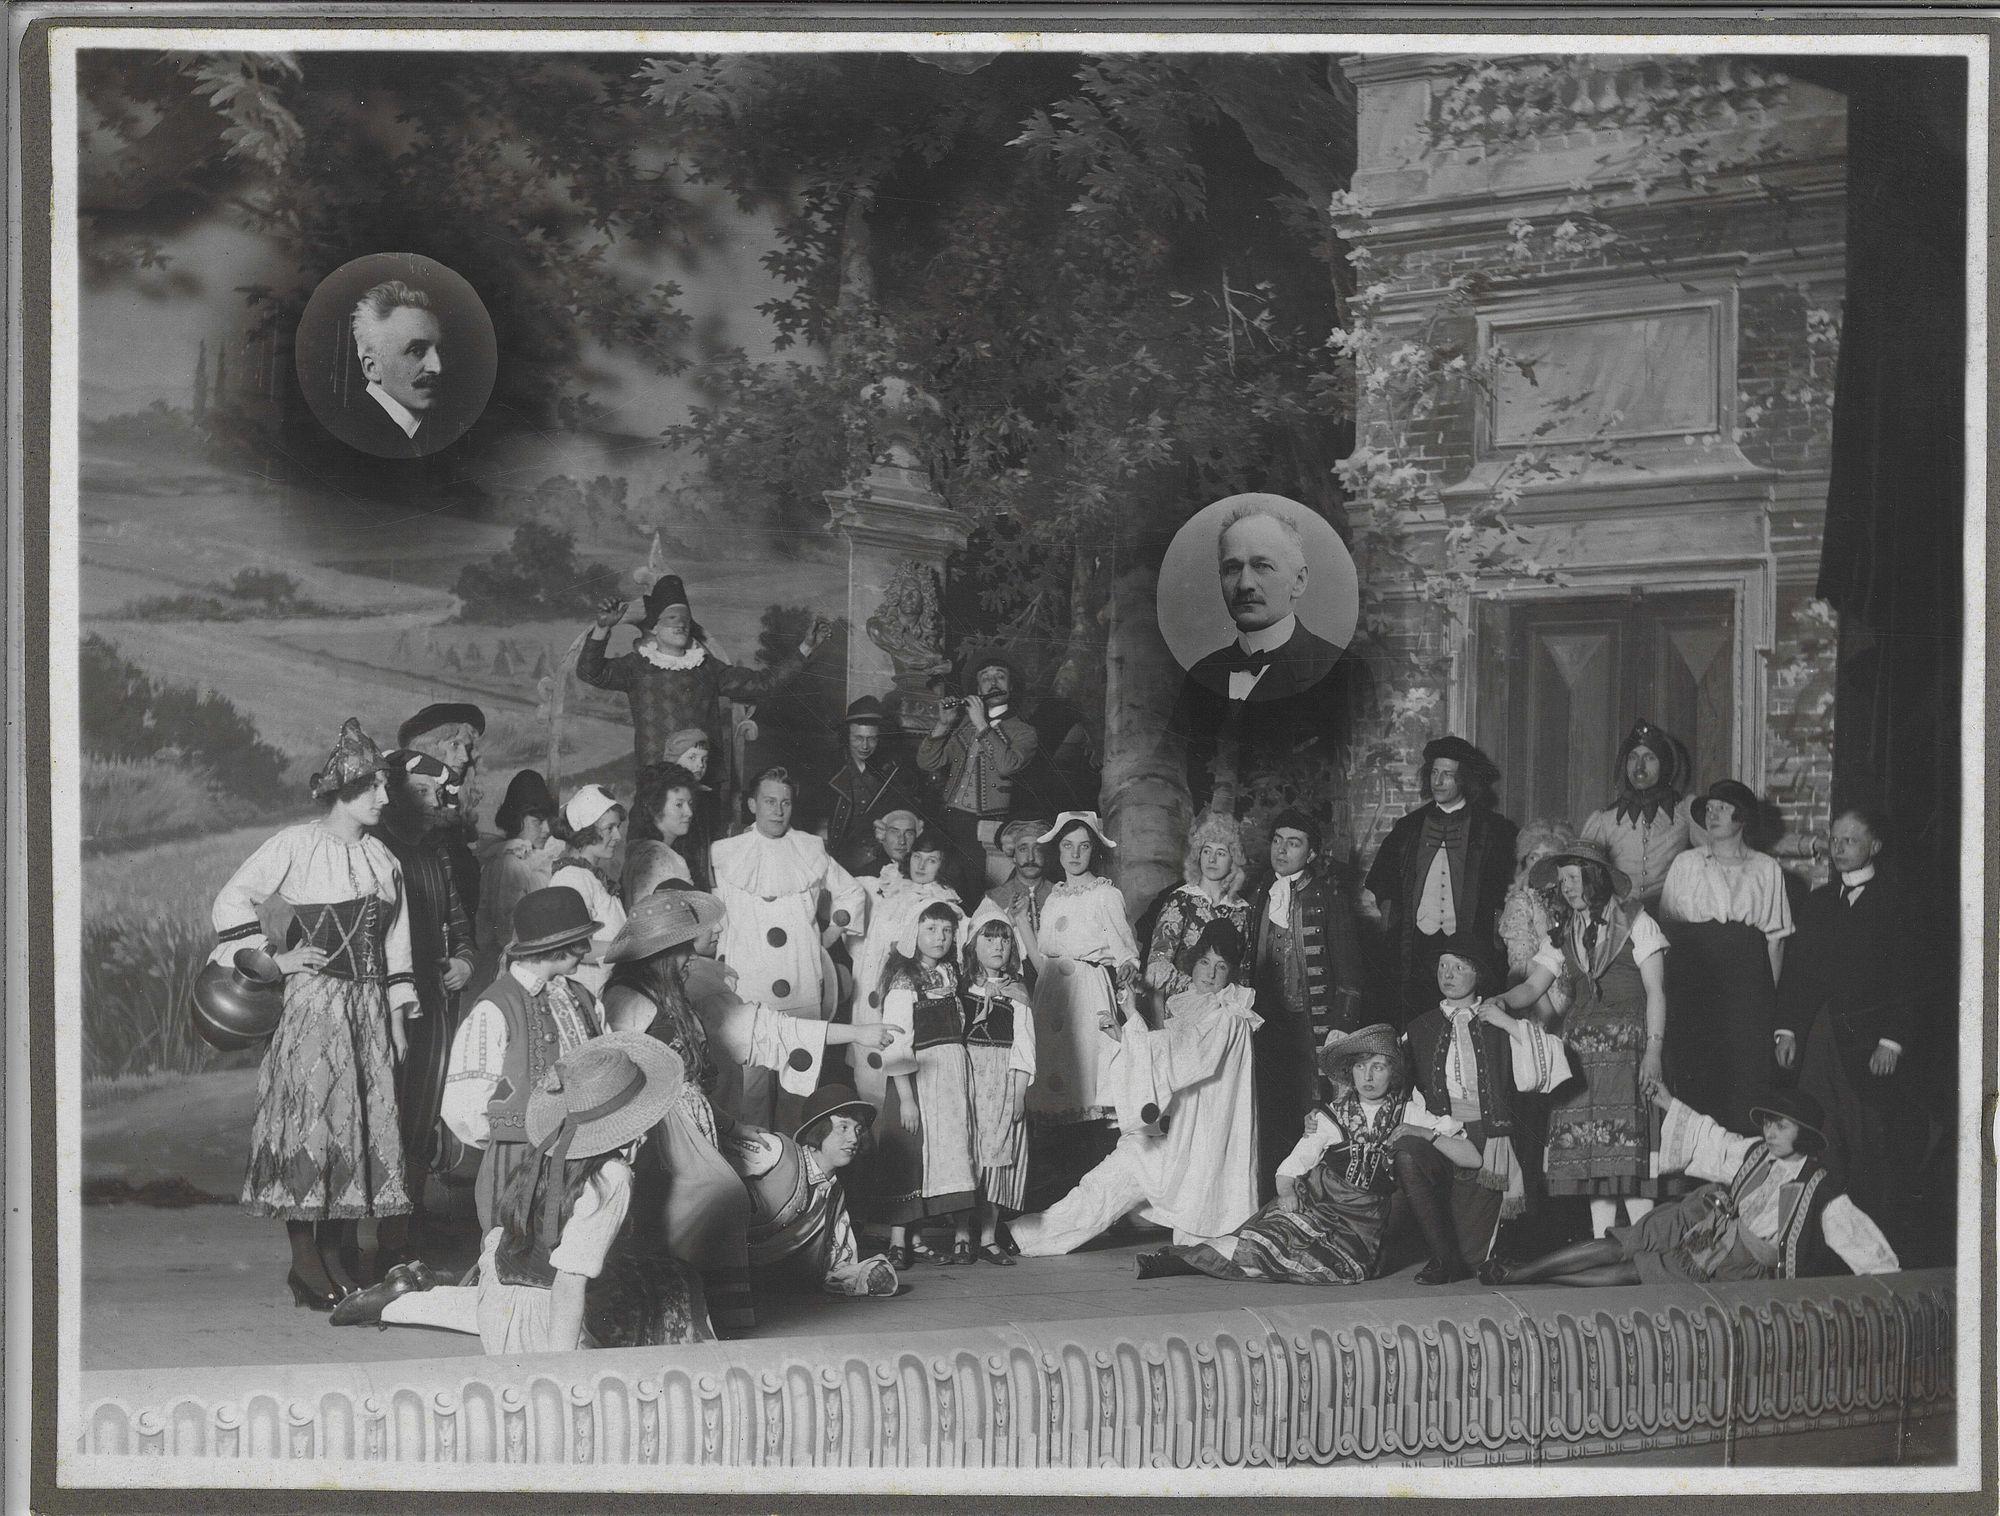 Katholieke Jonge Wacht in 1922